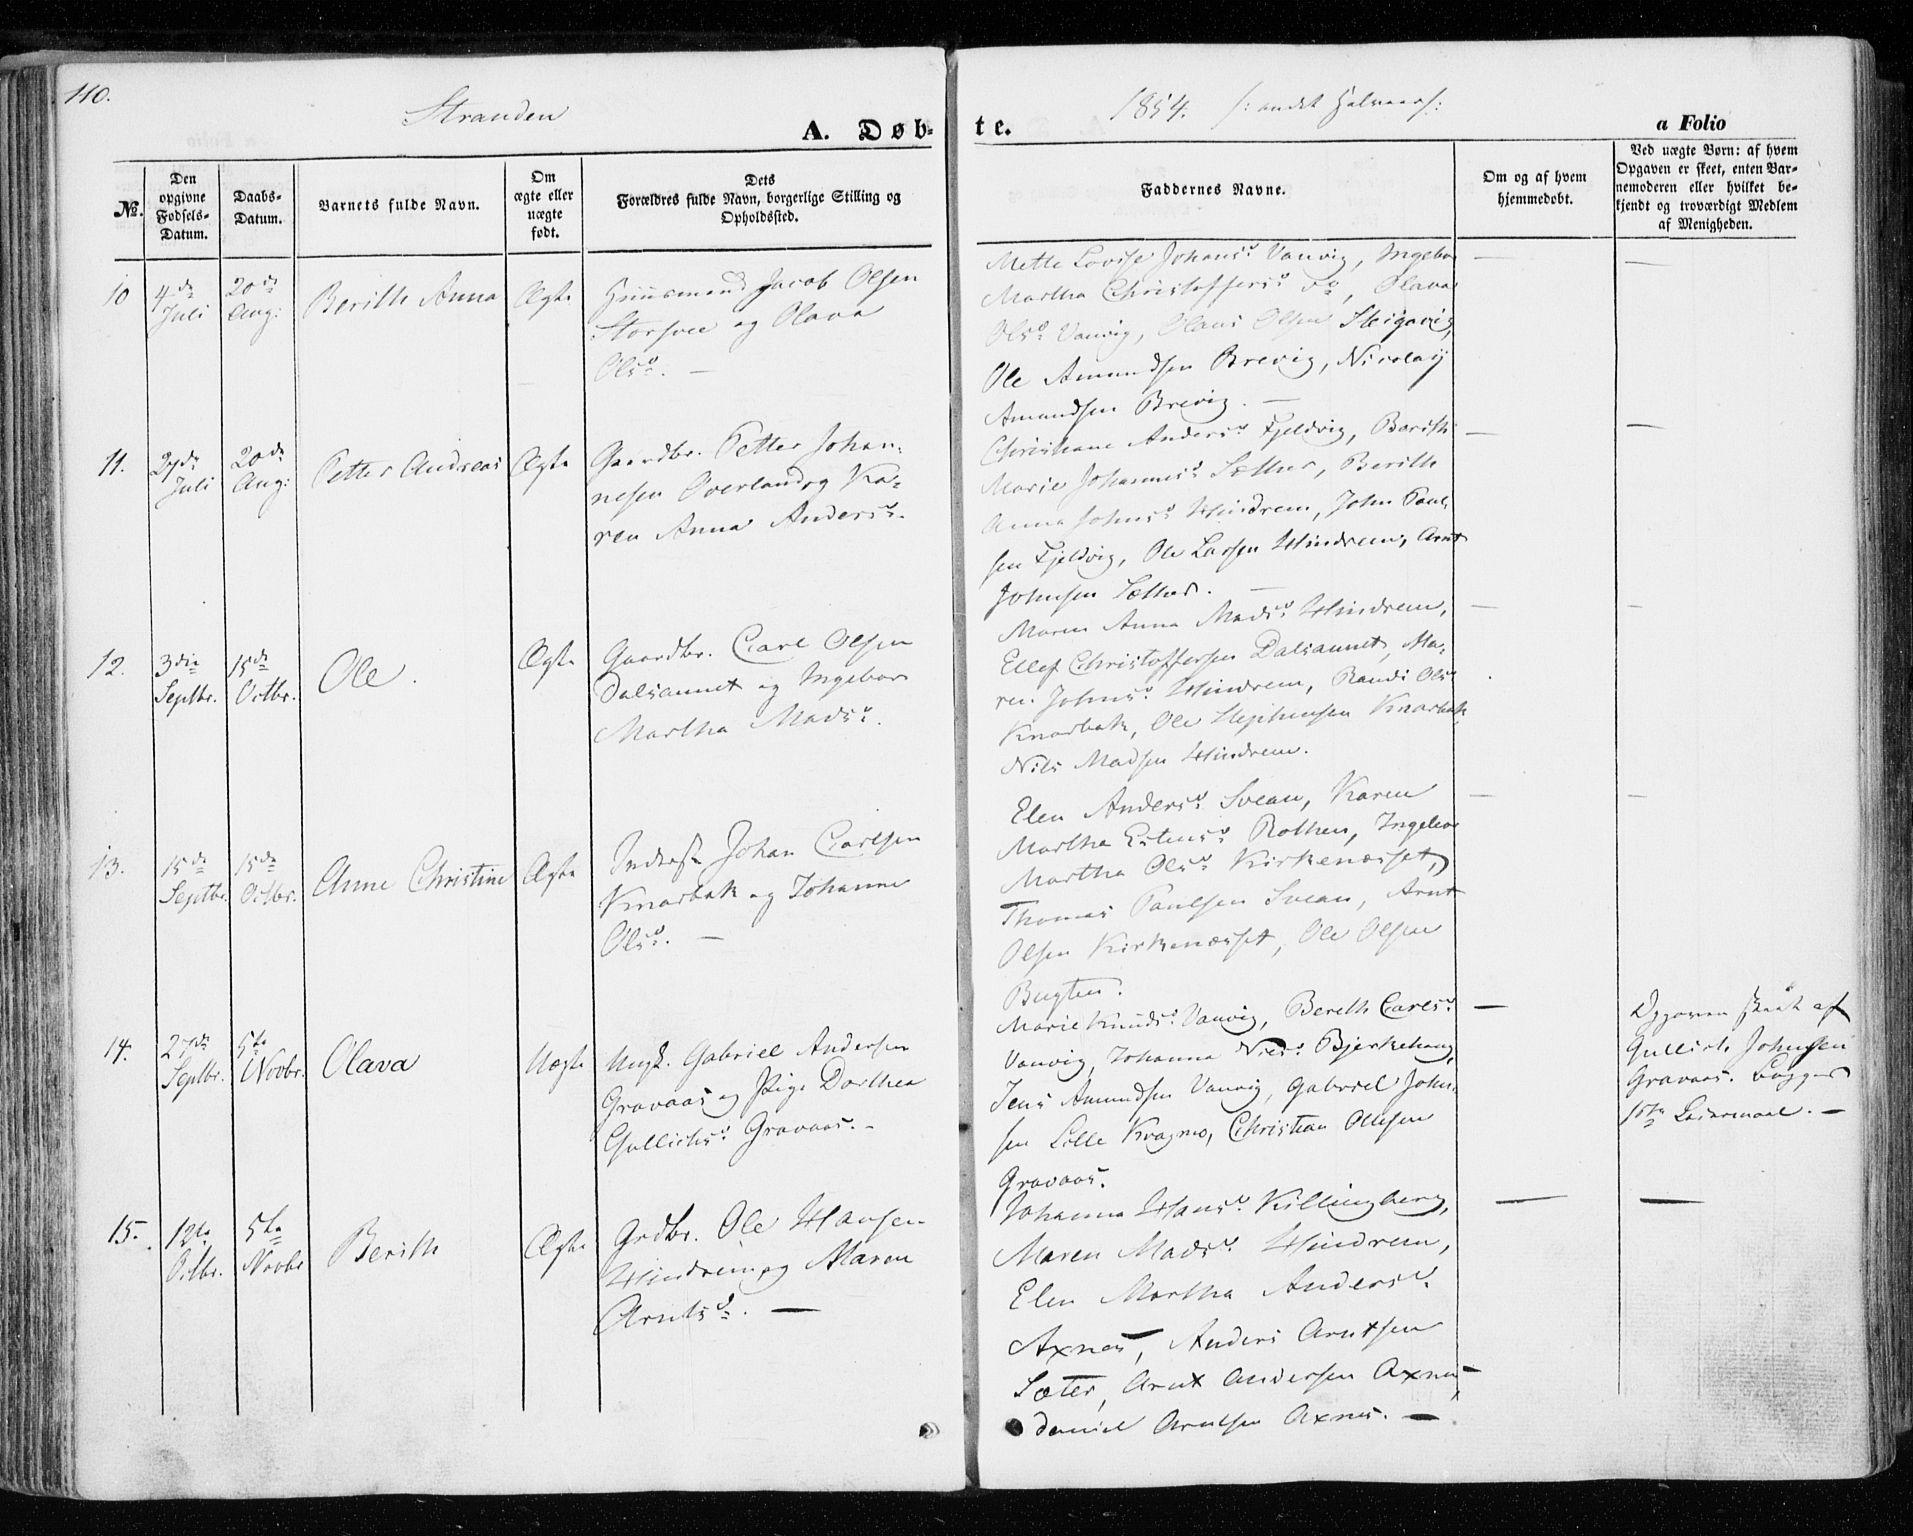 SAT, Ministerialprotokoller, klokkerbøker og fødselsregistre - Nord-Trøndelag, 701/L0008: Parish register (official) no. 701A08 /2, 1854-1863, p. 110